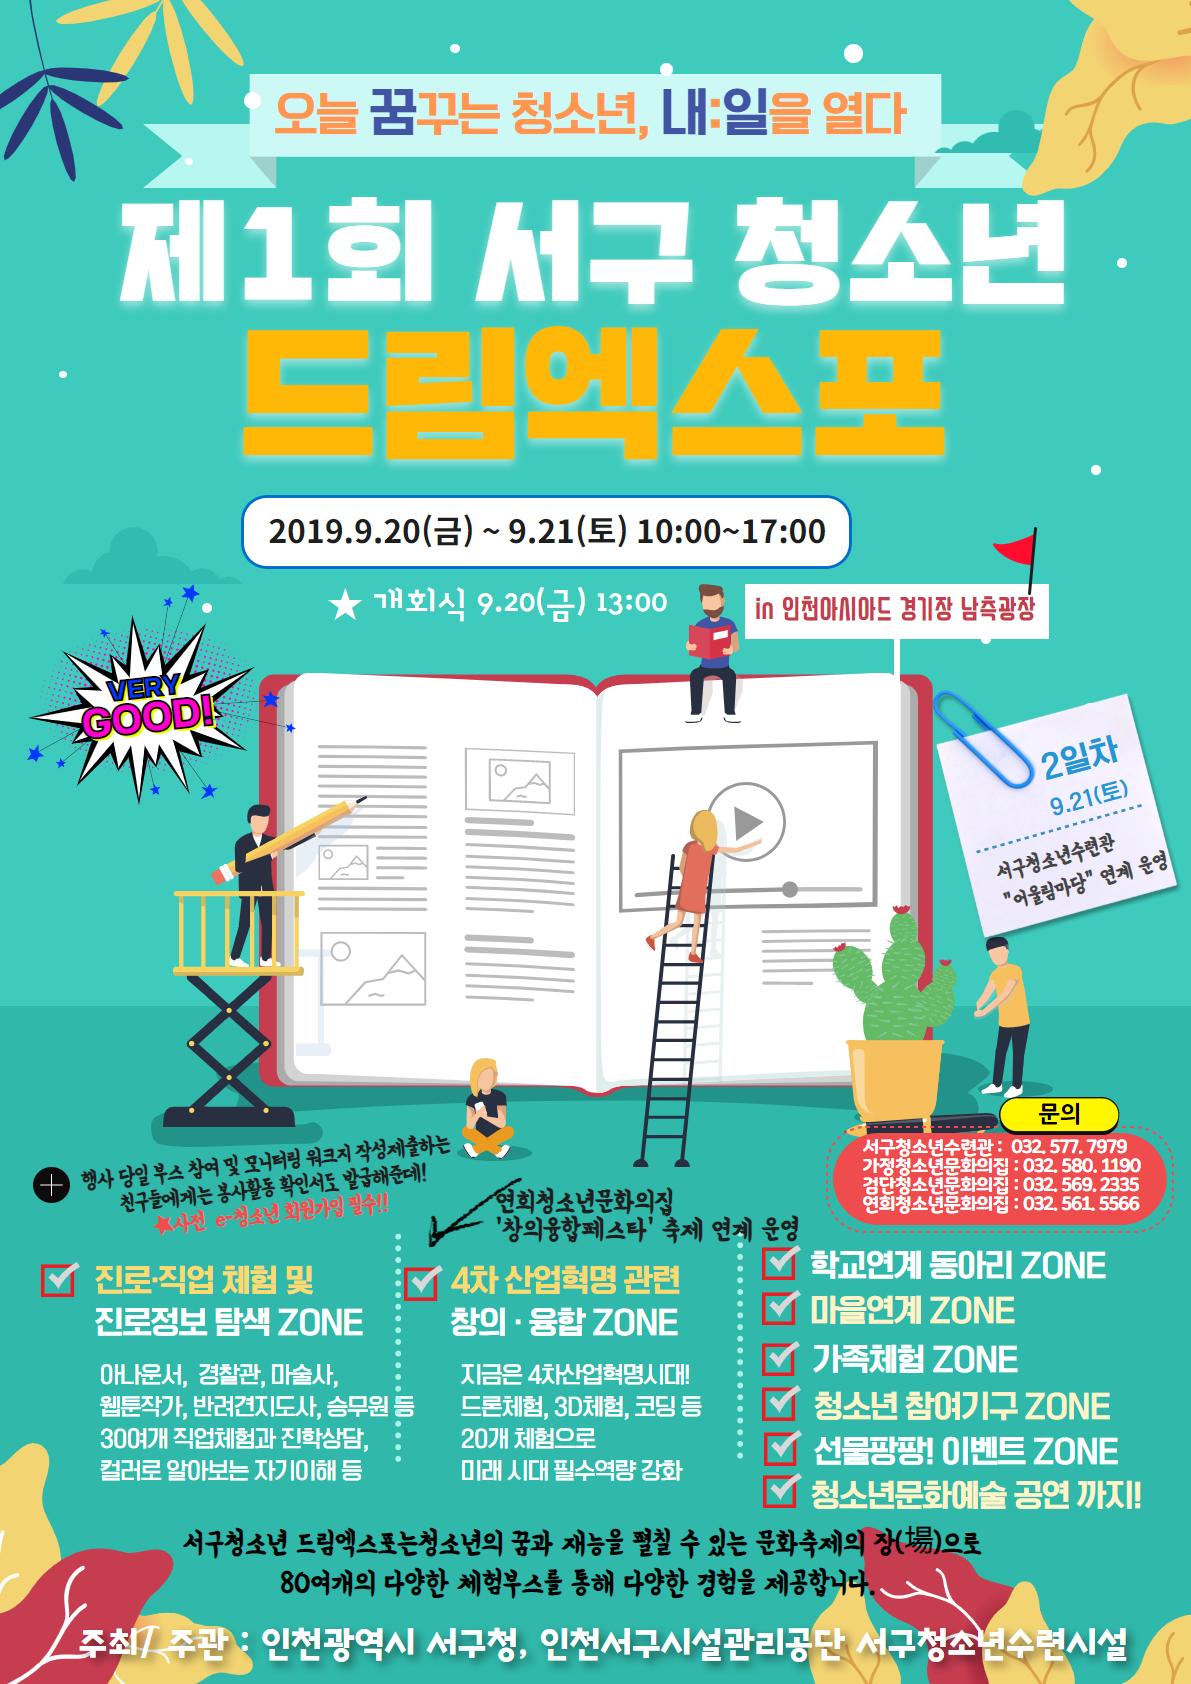 서구 청소년 드림엑스포 자원봉사자(진행요원) 모집